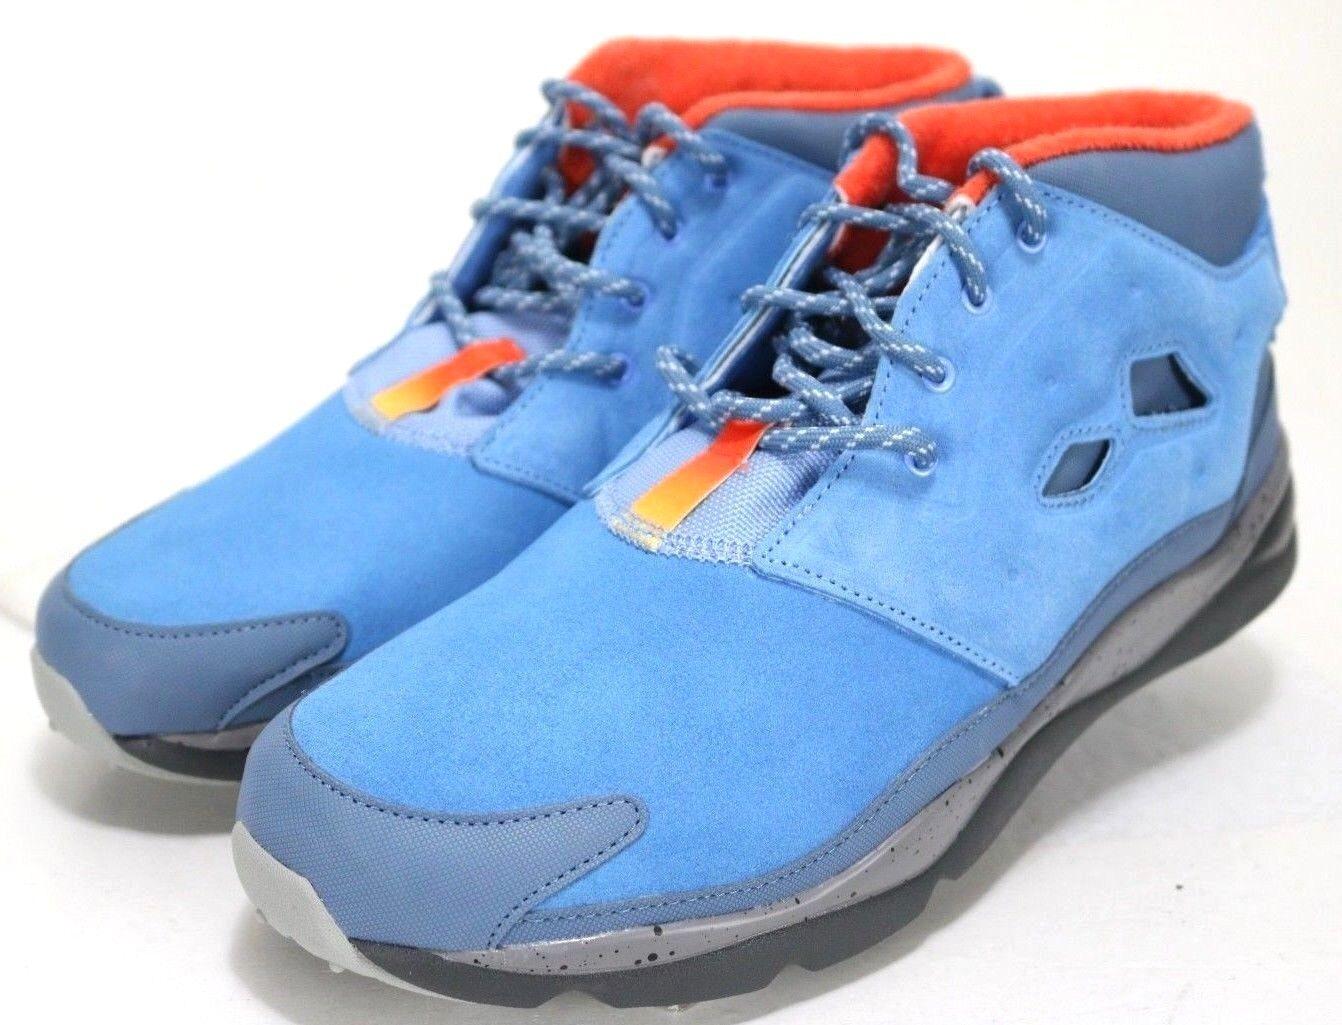 Reebok FuryLite NWOB  119 Men's Mid Top Sneakers shoes Size 11.5 bluee orange